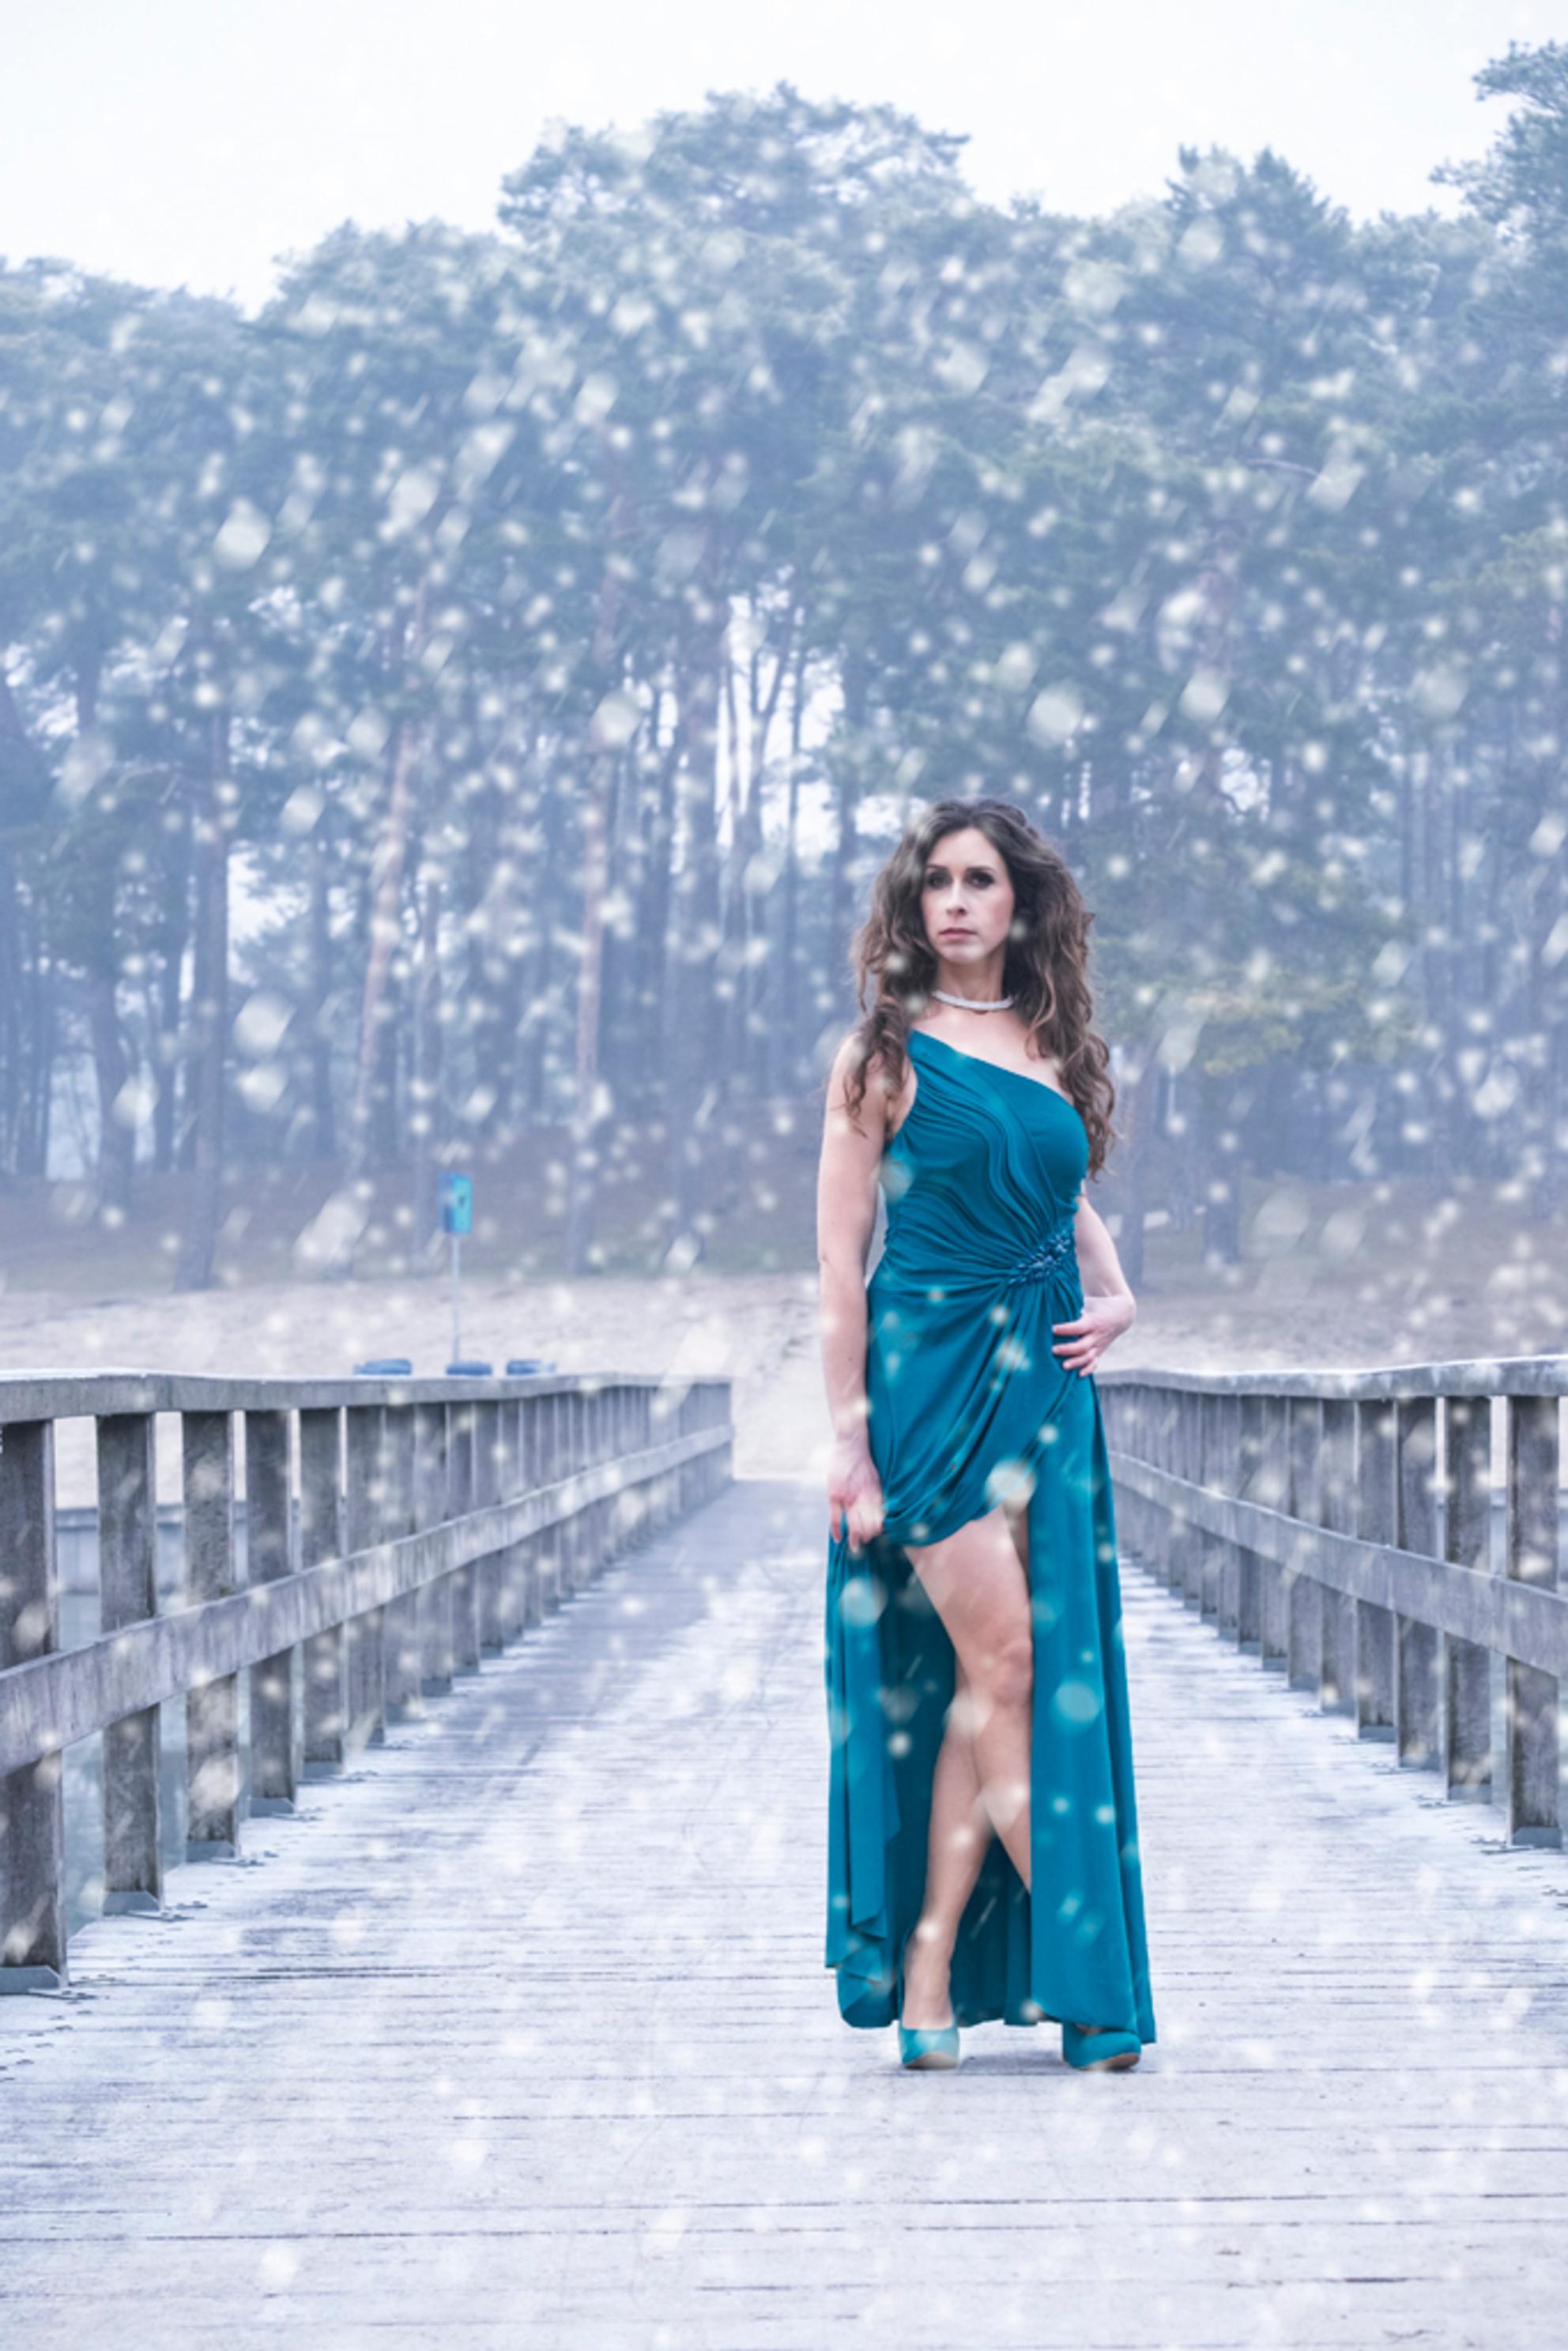 Lisette - model en mua : Lisette - foto door Gans op 01-01-2017 - deze foto bevat: vrouw, natuur, licht, sneeuw, model, haar, fashion, beauty, glamour, kapsel, jurk, mode, kleding, romantisch, fashionfotografie - Deze foto mag gebruikt worden in een Zoom.nl publicatie